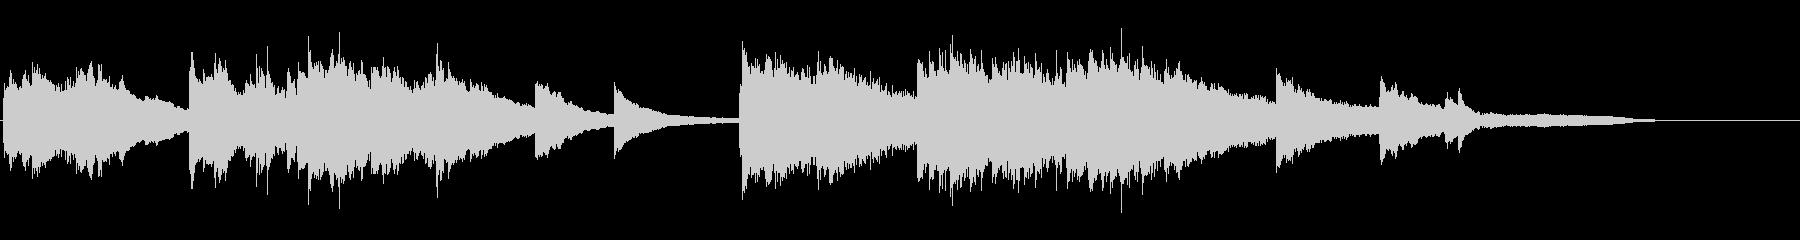 【ピアノ】切ないピアノソロの未再生の波形